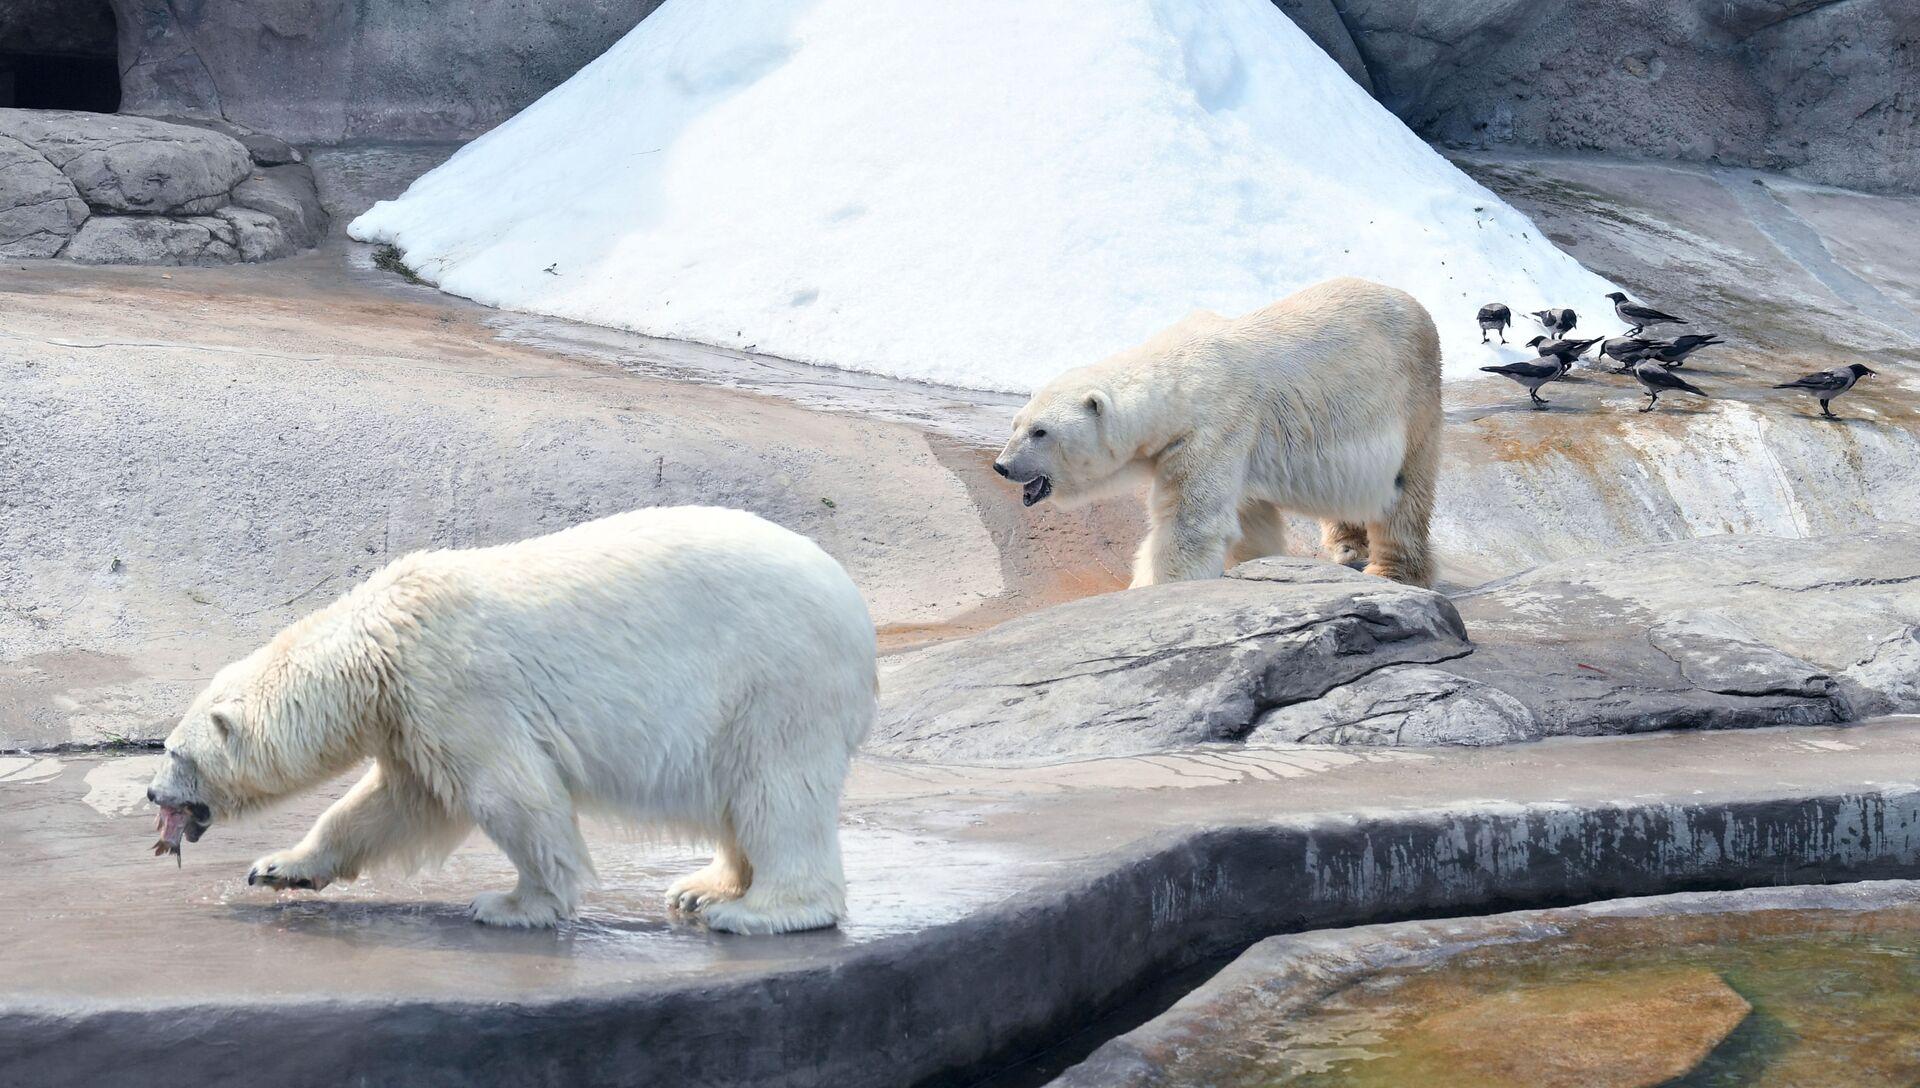 Московский зоопарк - РИА Новости, 1920, 27.02.2021